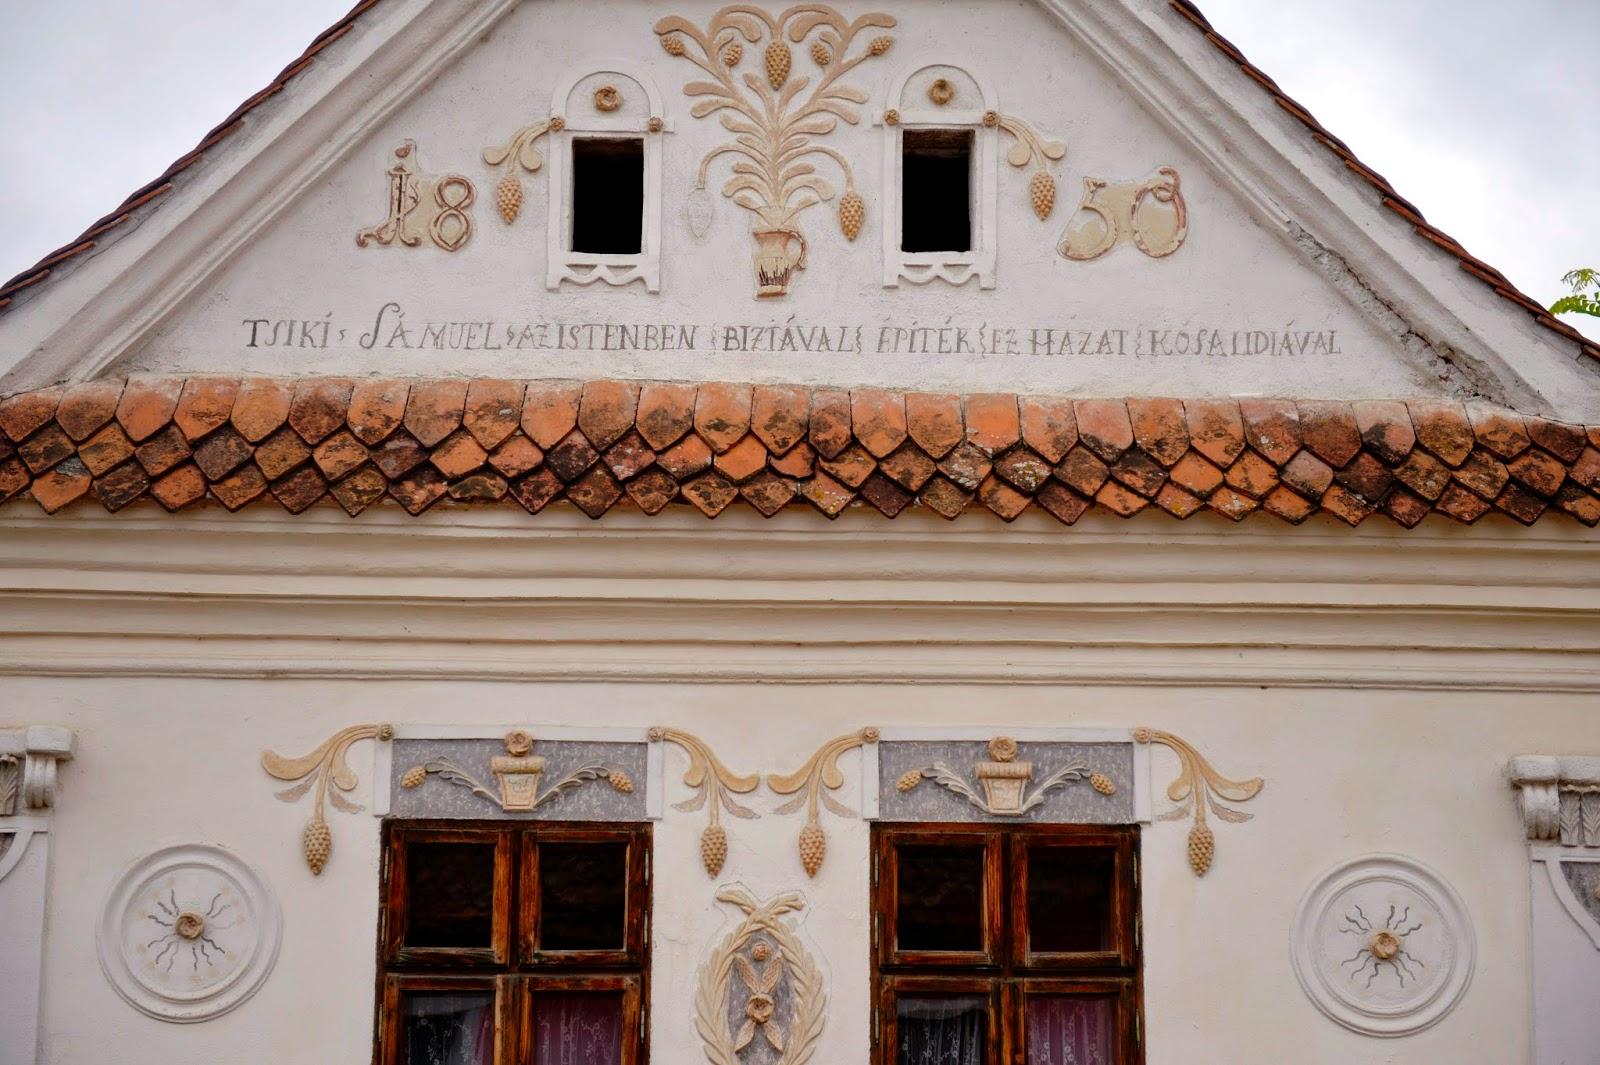 Erdély, Háromszék, Székelyföld, faluturizmus, Kálnoky Tibor, Kálnoky-gróf, Kálnoky-kastély, hagyományok, természet,